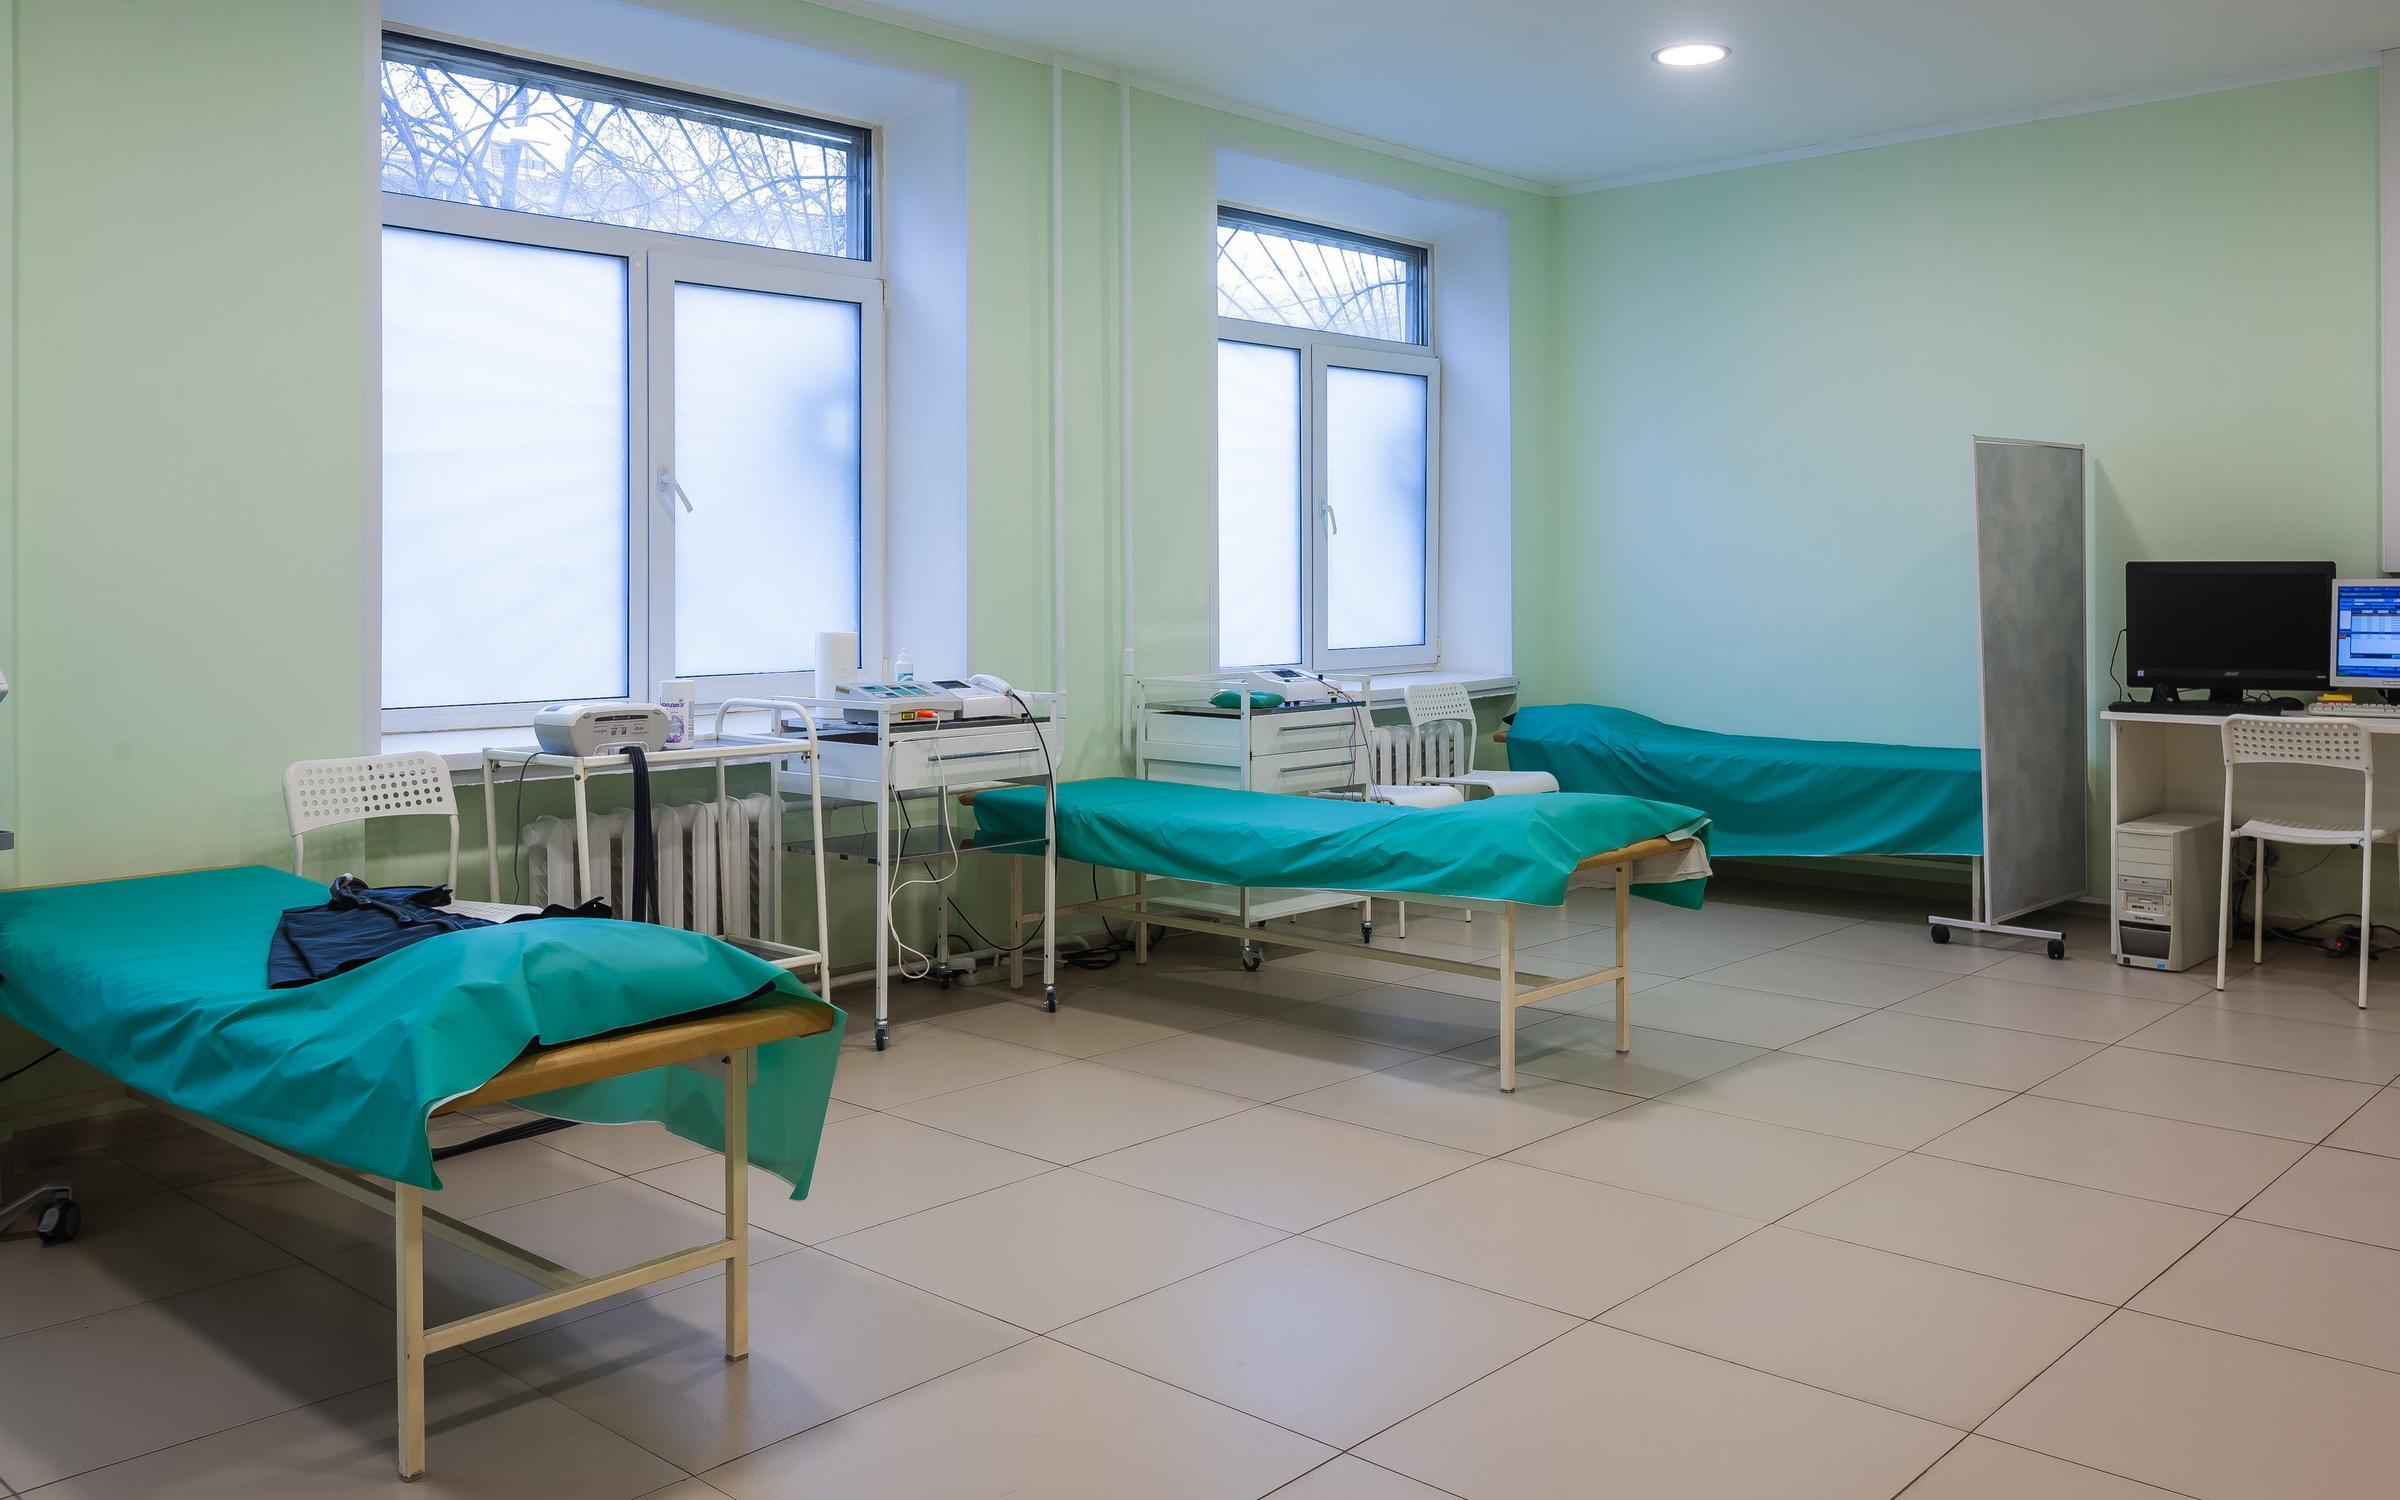 фотография Отделения по оказанию платных медицинских услуг ГБУЗ «ГП 62 ДЗМ» на метро Аэропорт